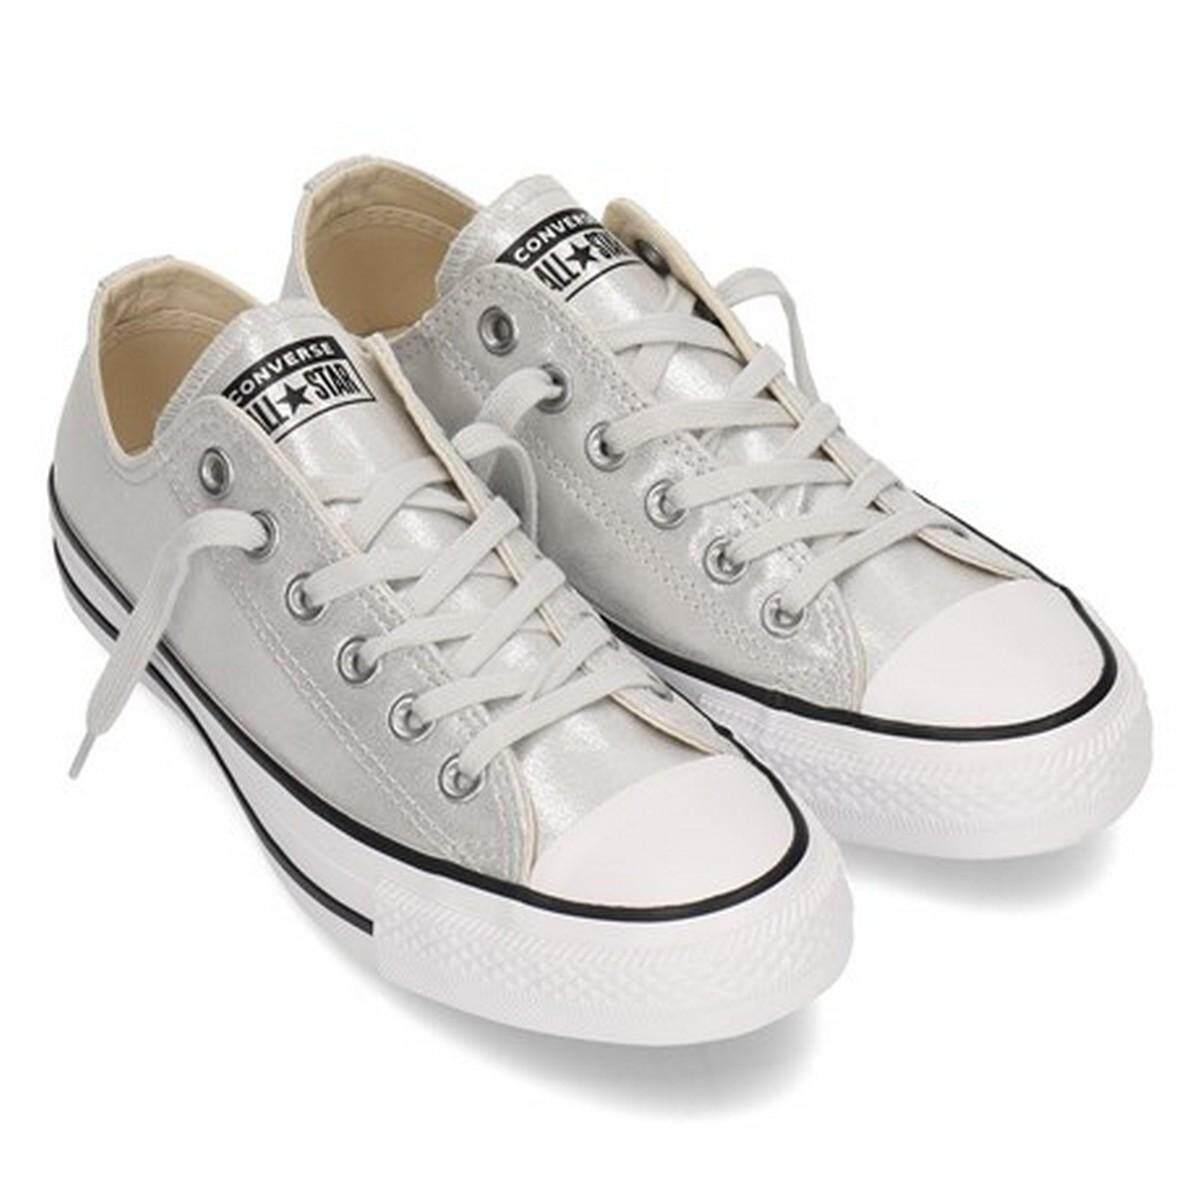 สระบุรี Converse Women Sneaker รองเท้า แฟชั่น ผู้หญิง คอนเวิร์ส รุ่น Chuck Taylor All Star OX มี 2 สี ชมพู/เงิน (2190)